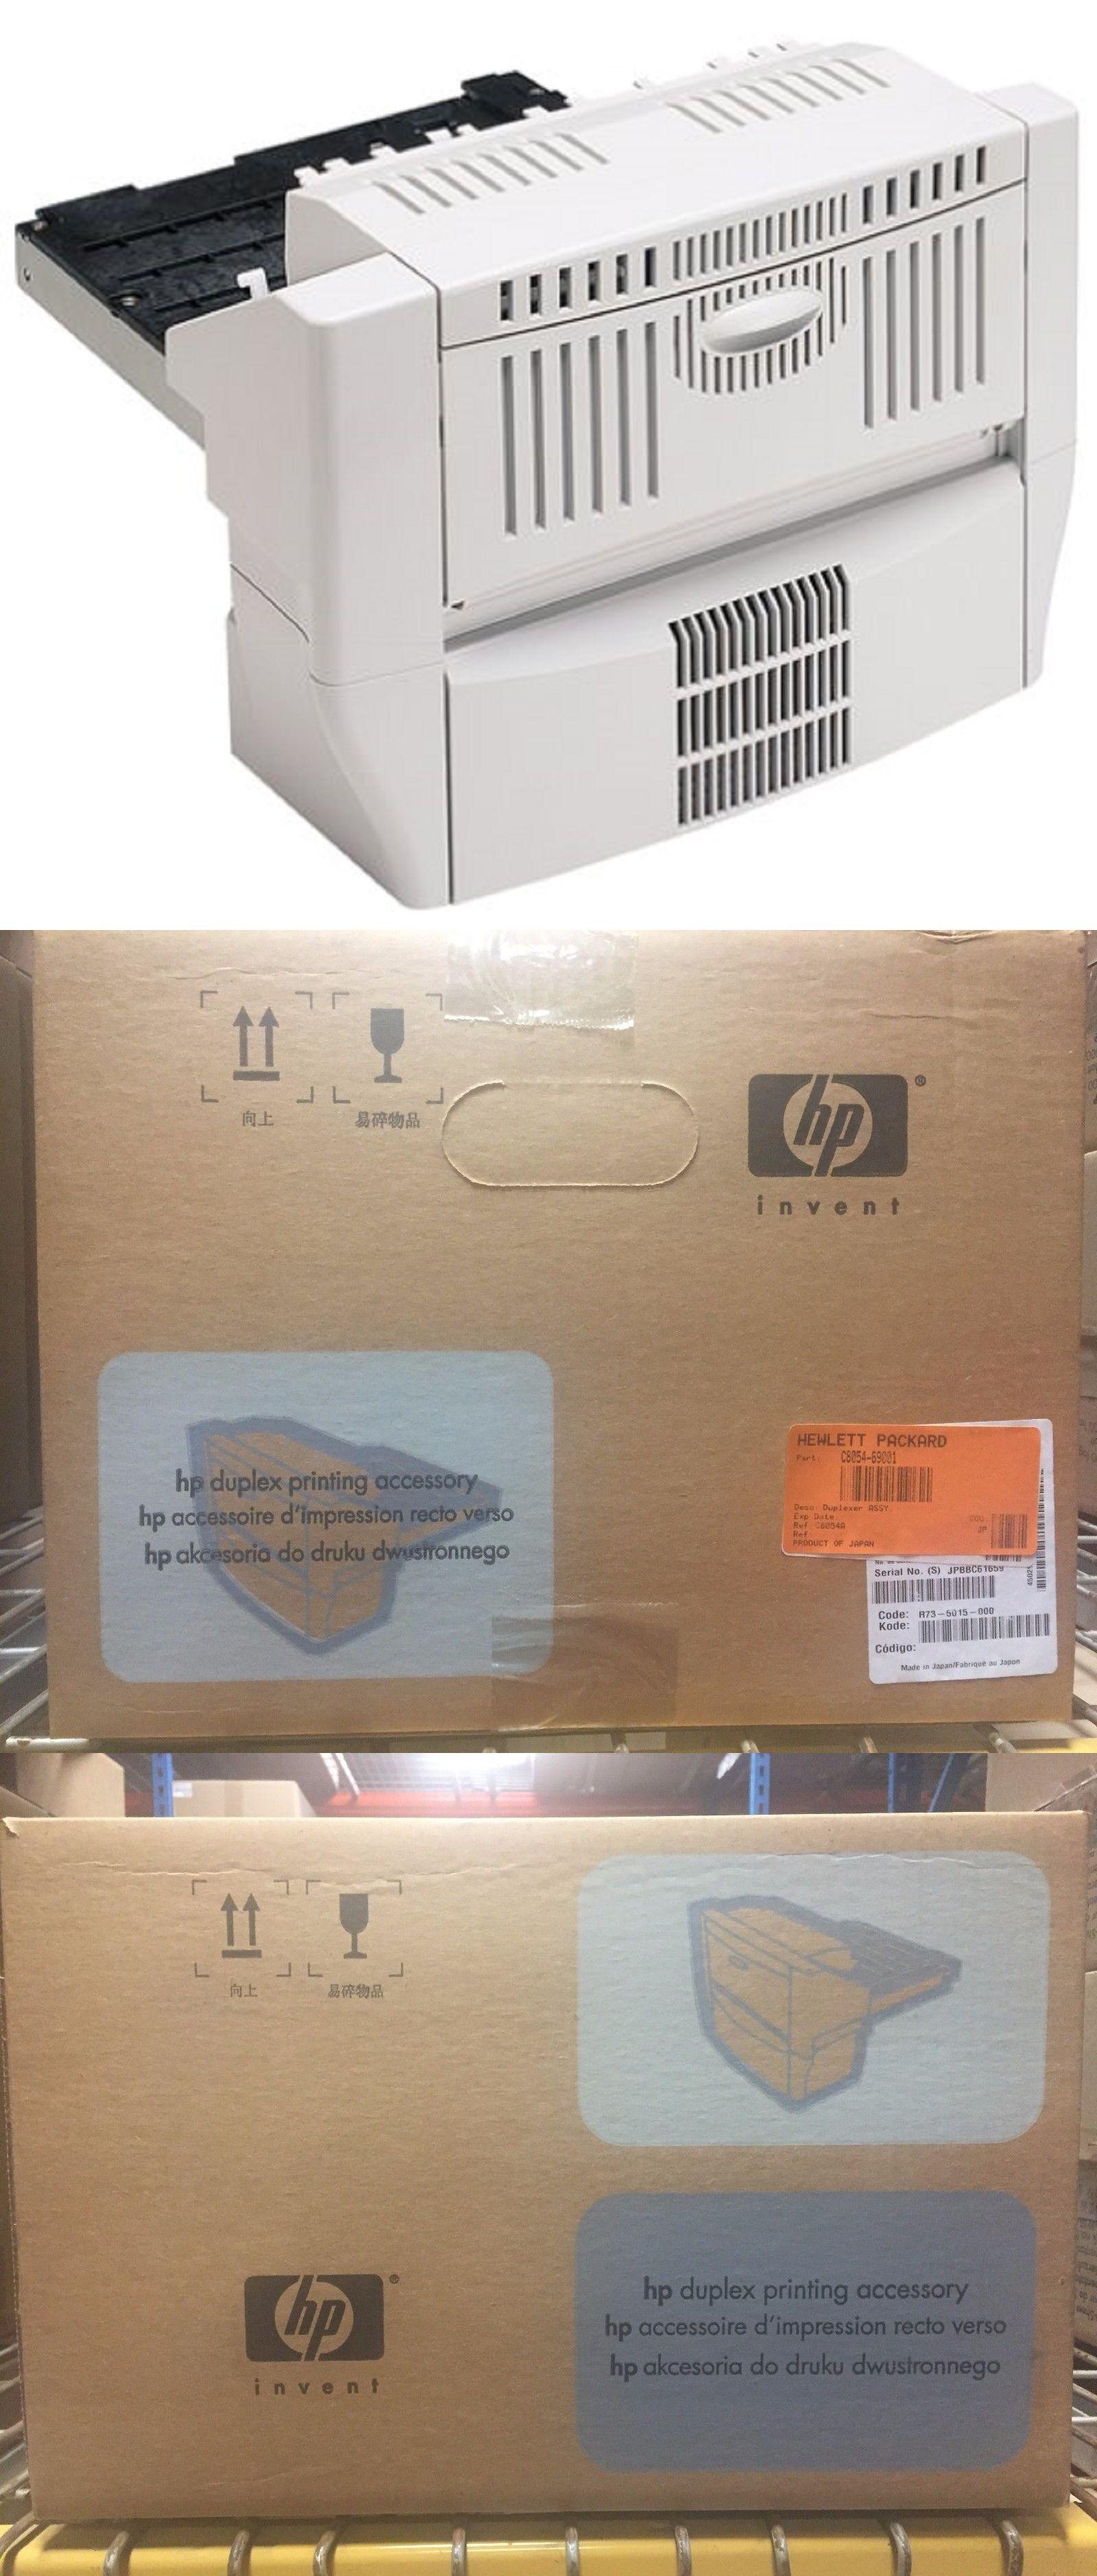 HP R73-5015 C8054A  Duplex Duplexer Unit for Laserjet Printer 4100 series